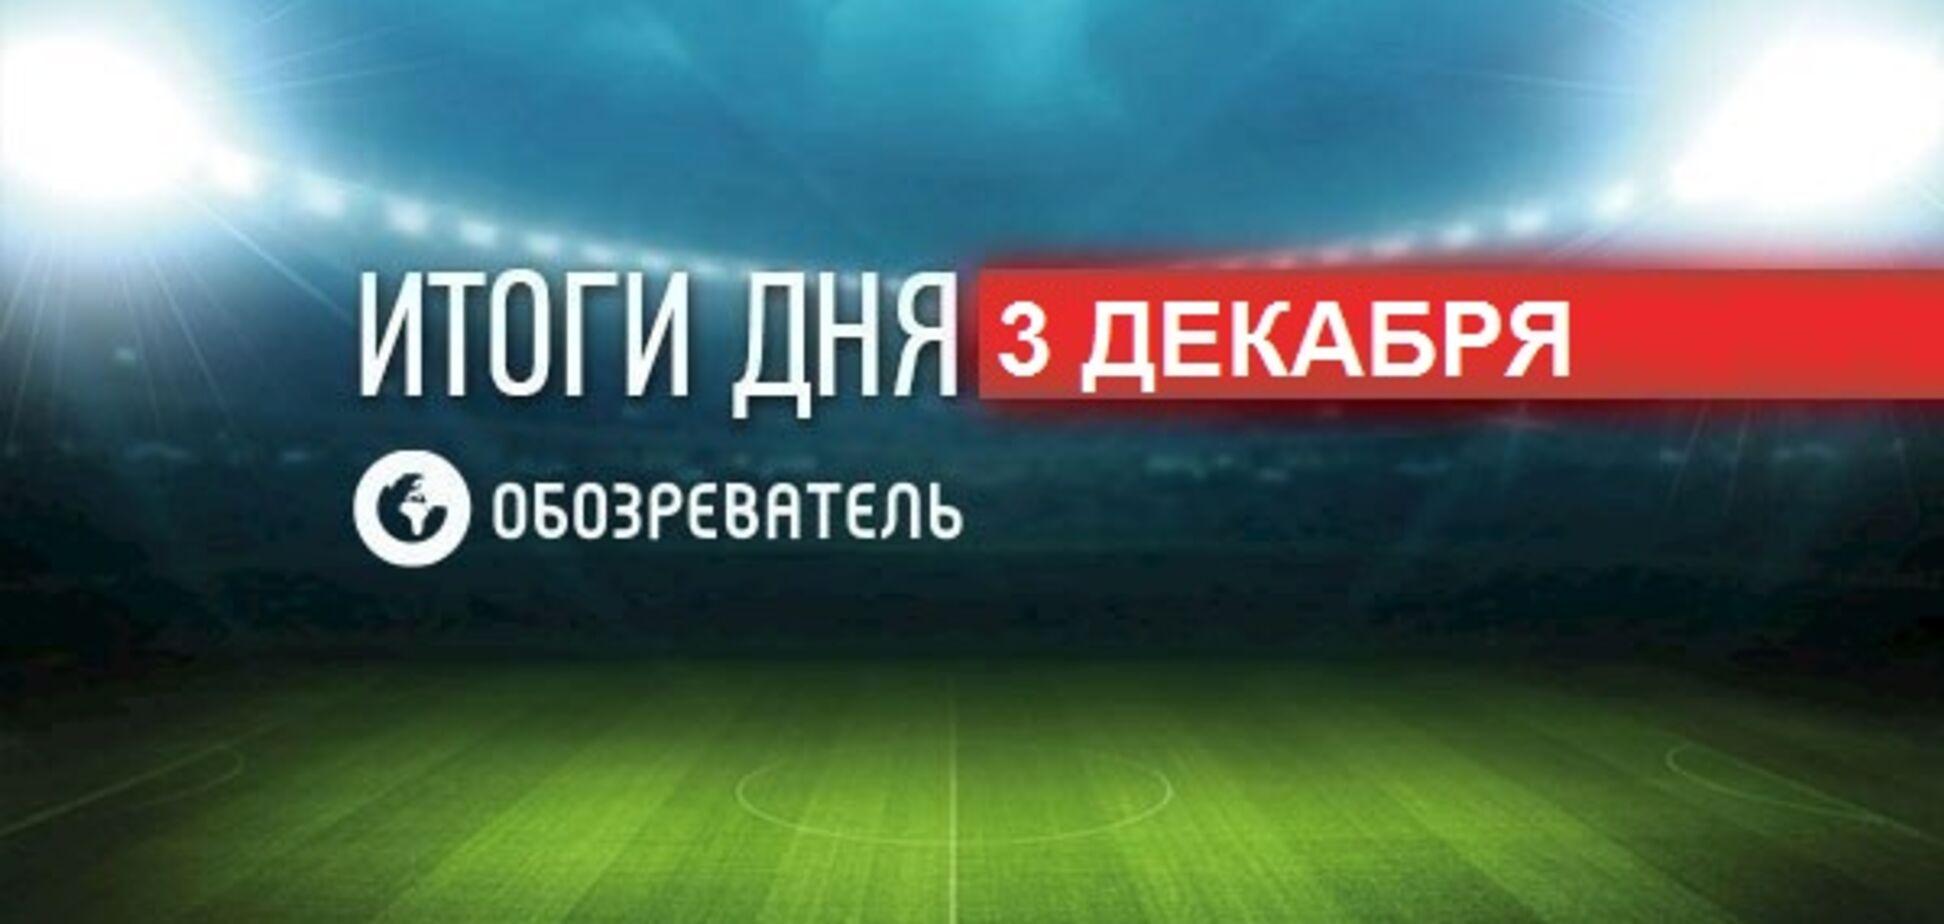 Россия пыталась подменить допинг-пробу украинки: спортивные итоги 3 декабря